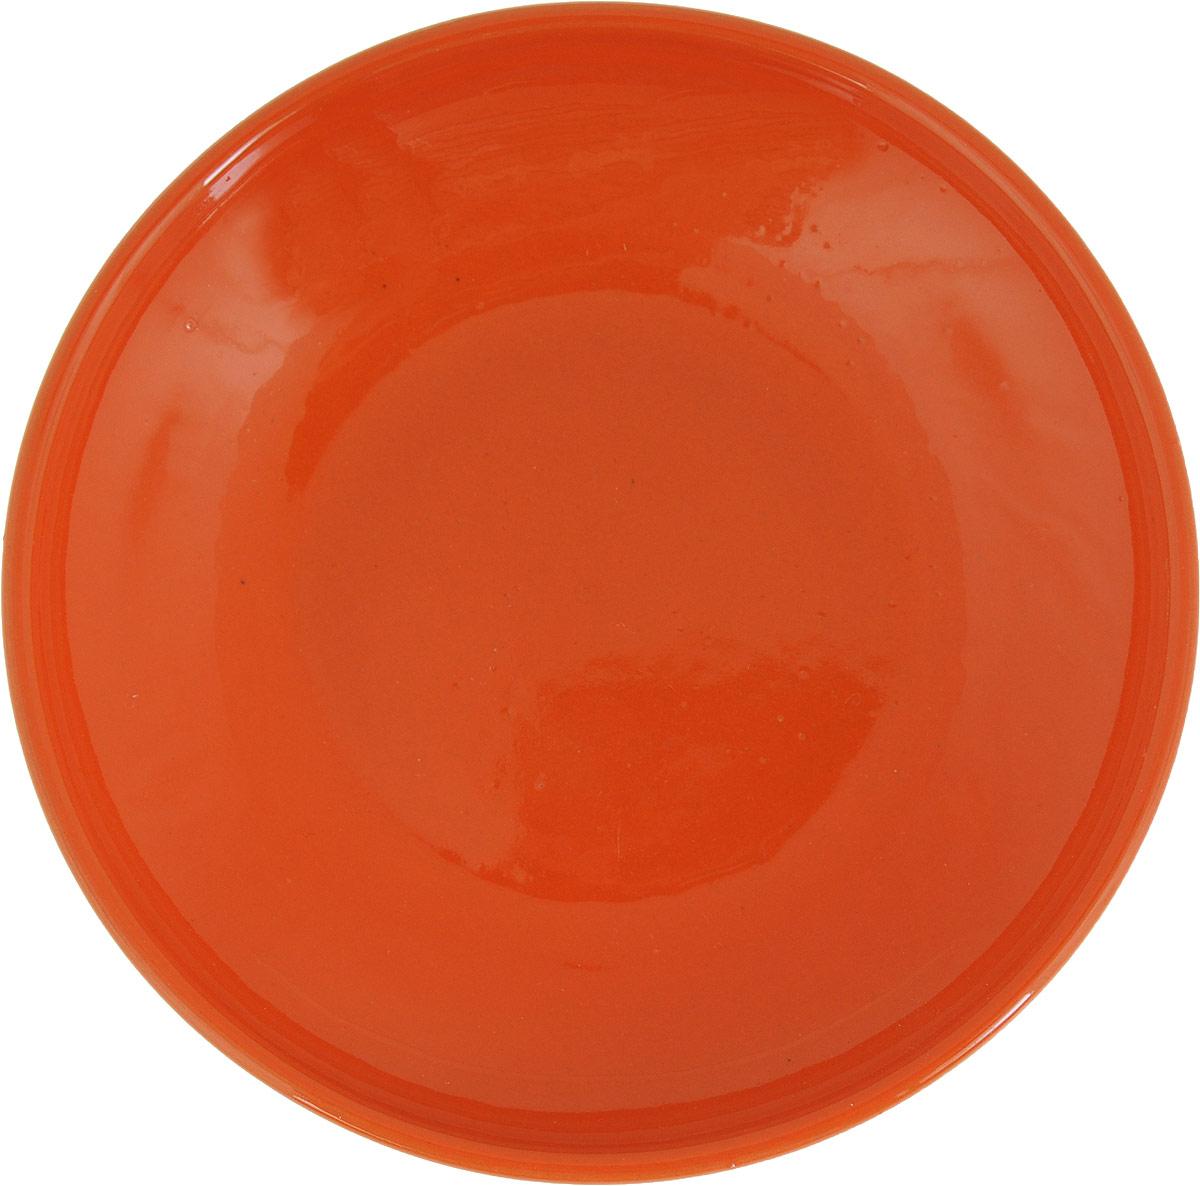 Блюдце Борисовская керамика Радуга, цвет: оранжевый, диаметр 10 смРАД14458109_оранжевыйБлюдце Борисовская керамика Радуга, изготовленное из высококачественной керамики, предназначено для красивой подачи различных блюд. Такое блюдце украсит сервировку стола и подчеркнет прекрасный вкус хозяйки. Можно мыть в посудомоечной машине и использовать в микроволновой печи.